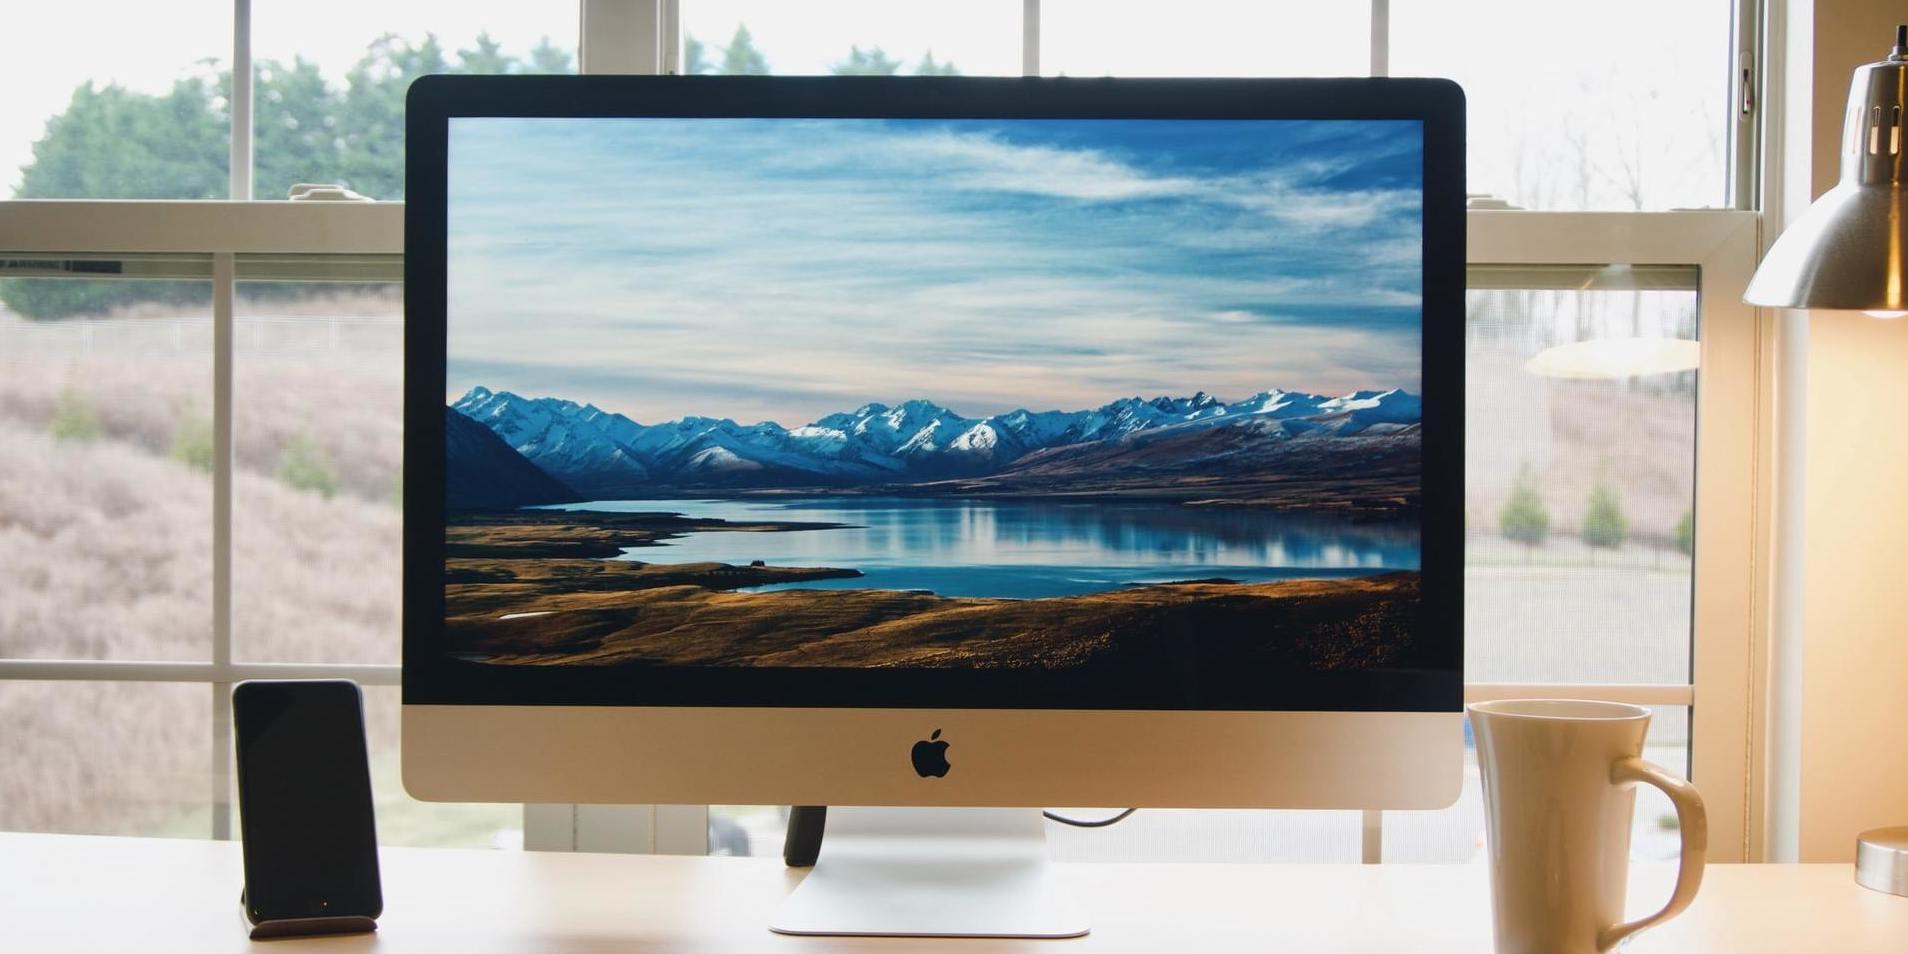 让iMac速度提升2倍,干货技能:从此告别卡顿